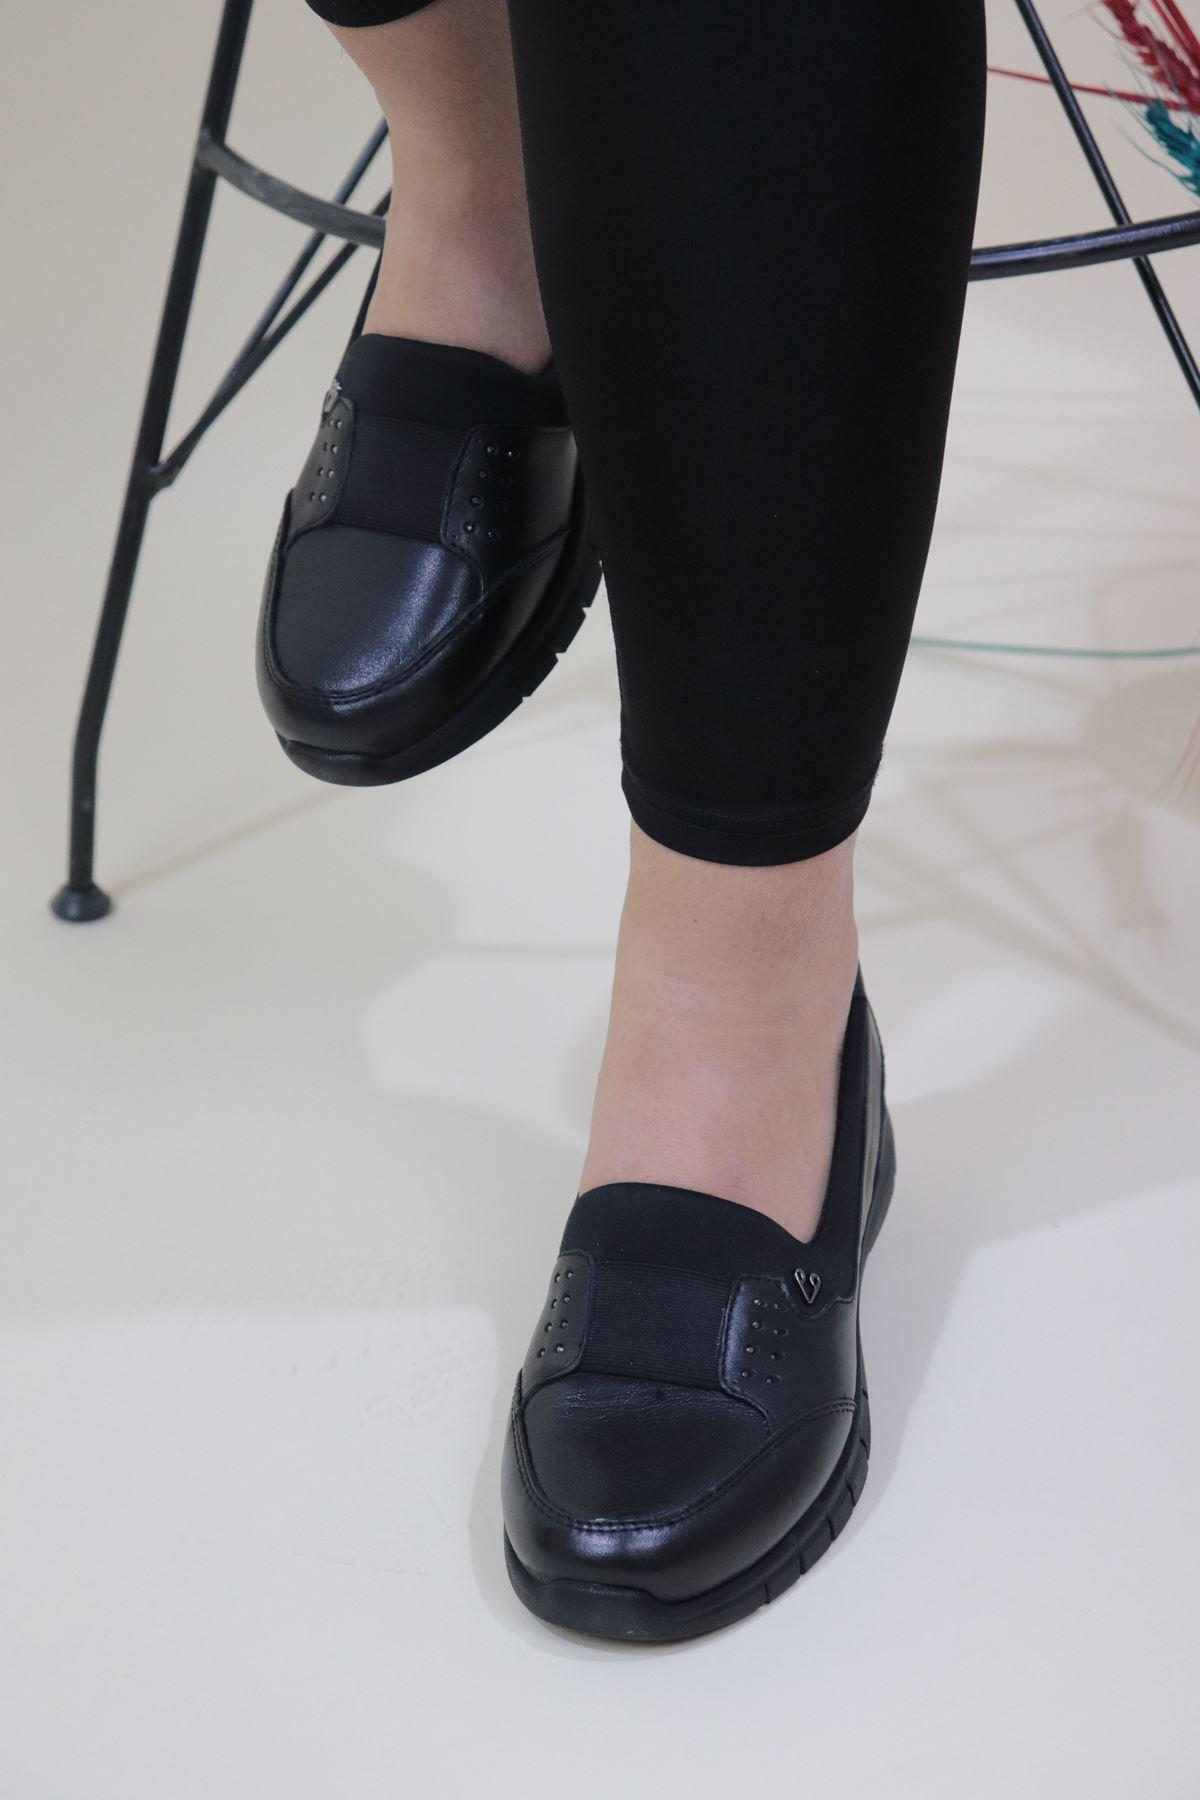 Forelli - 29442 Siyah Lastikli Kadın Ayakkabısı